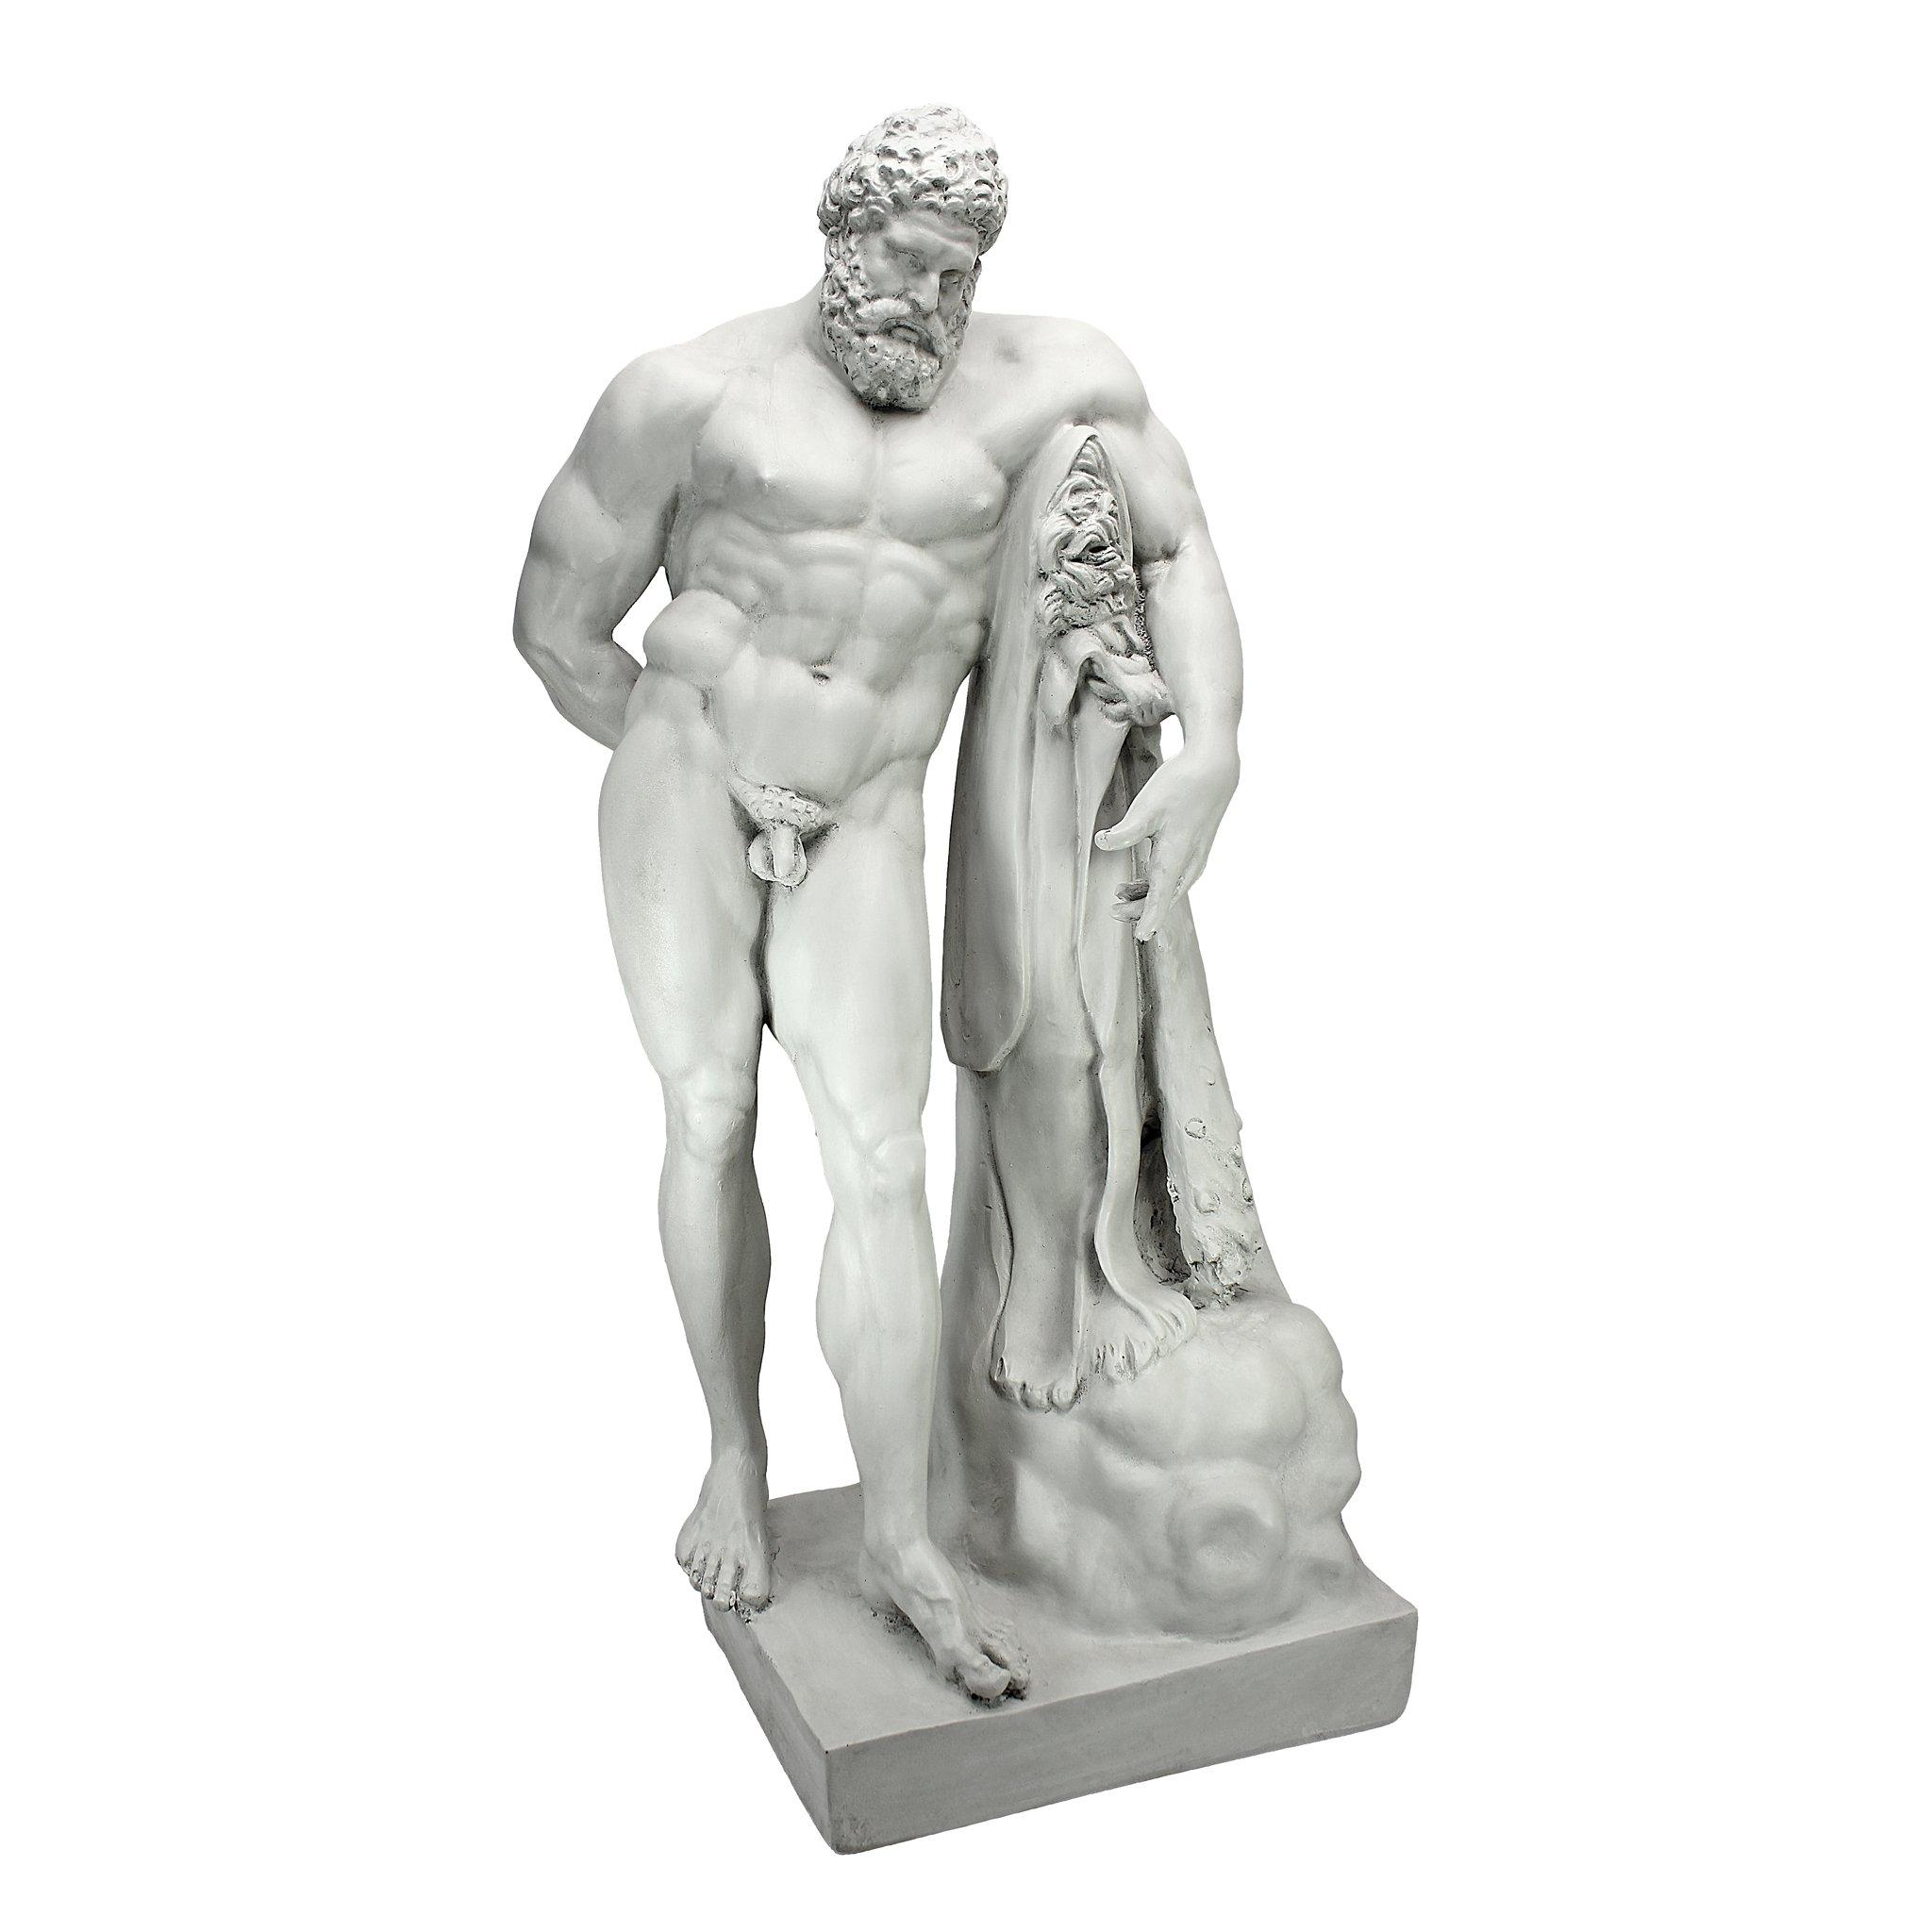 Design Toscano The Farnese Hercules Statue by Design Toscano